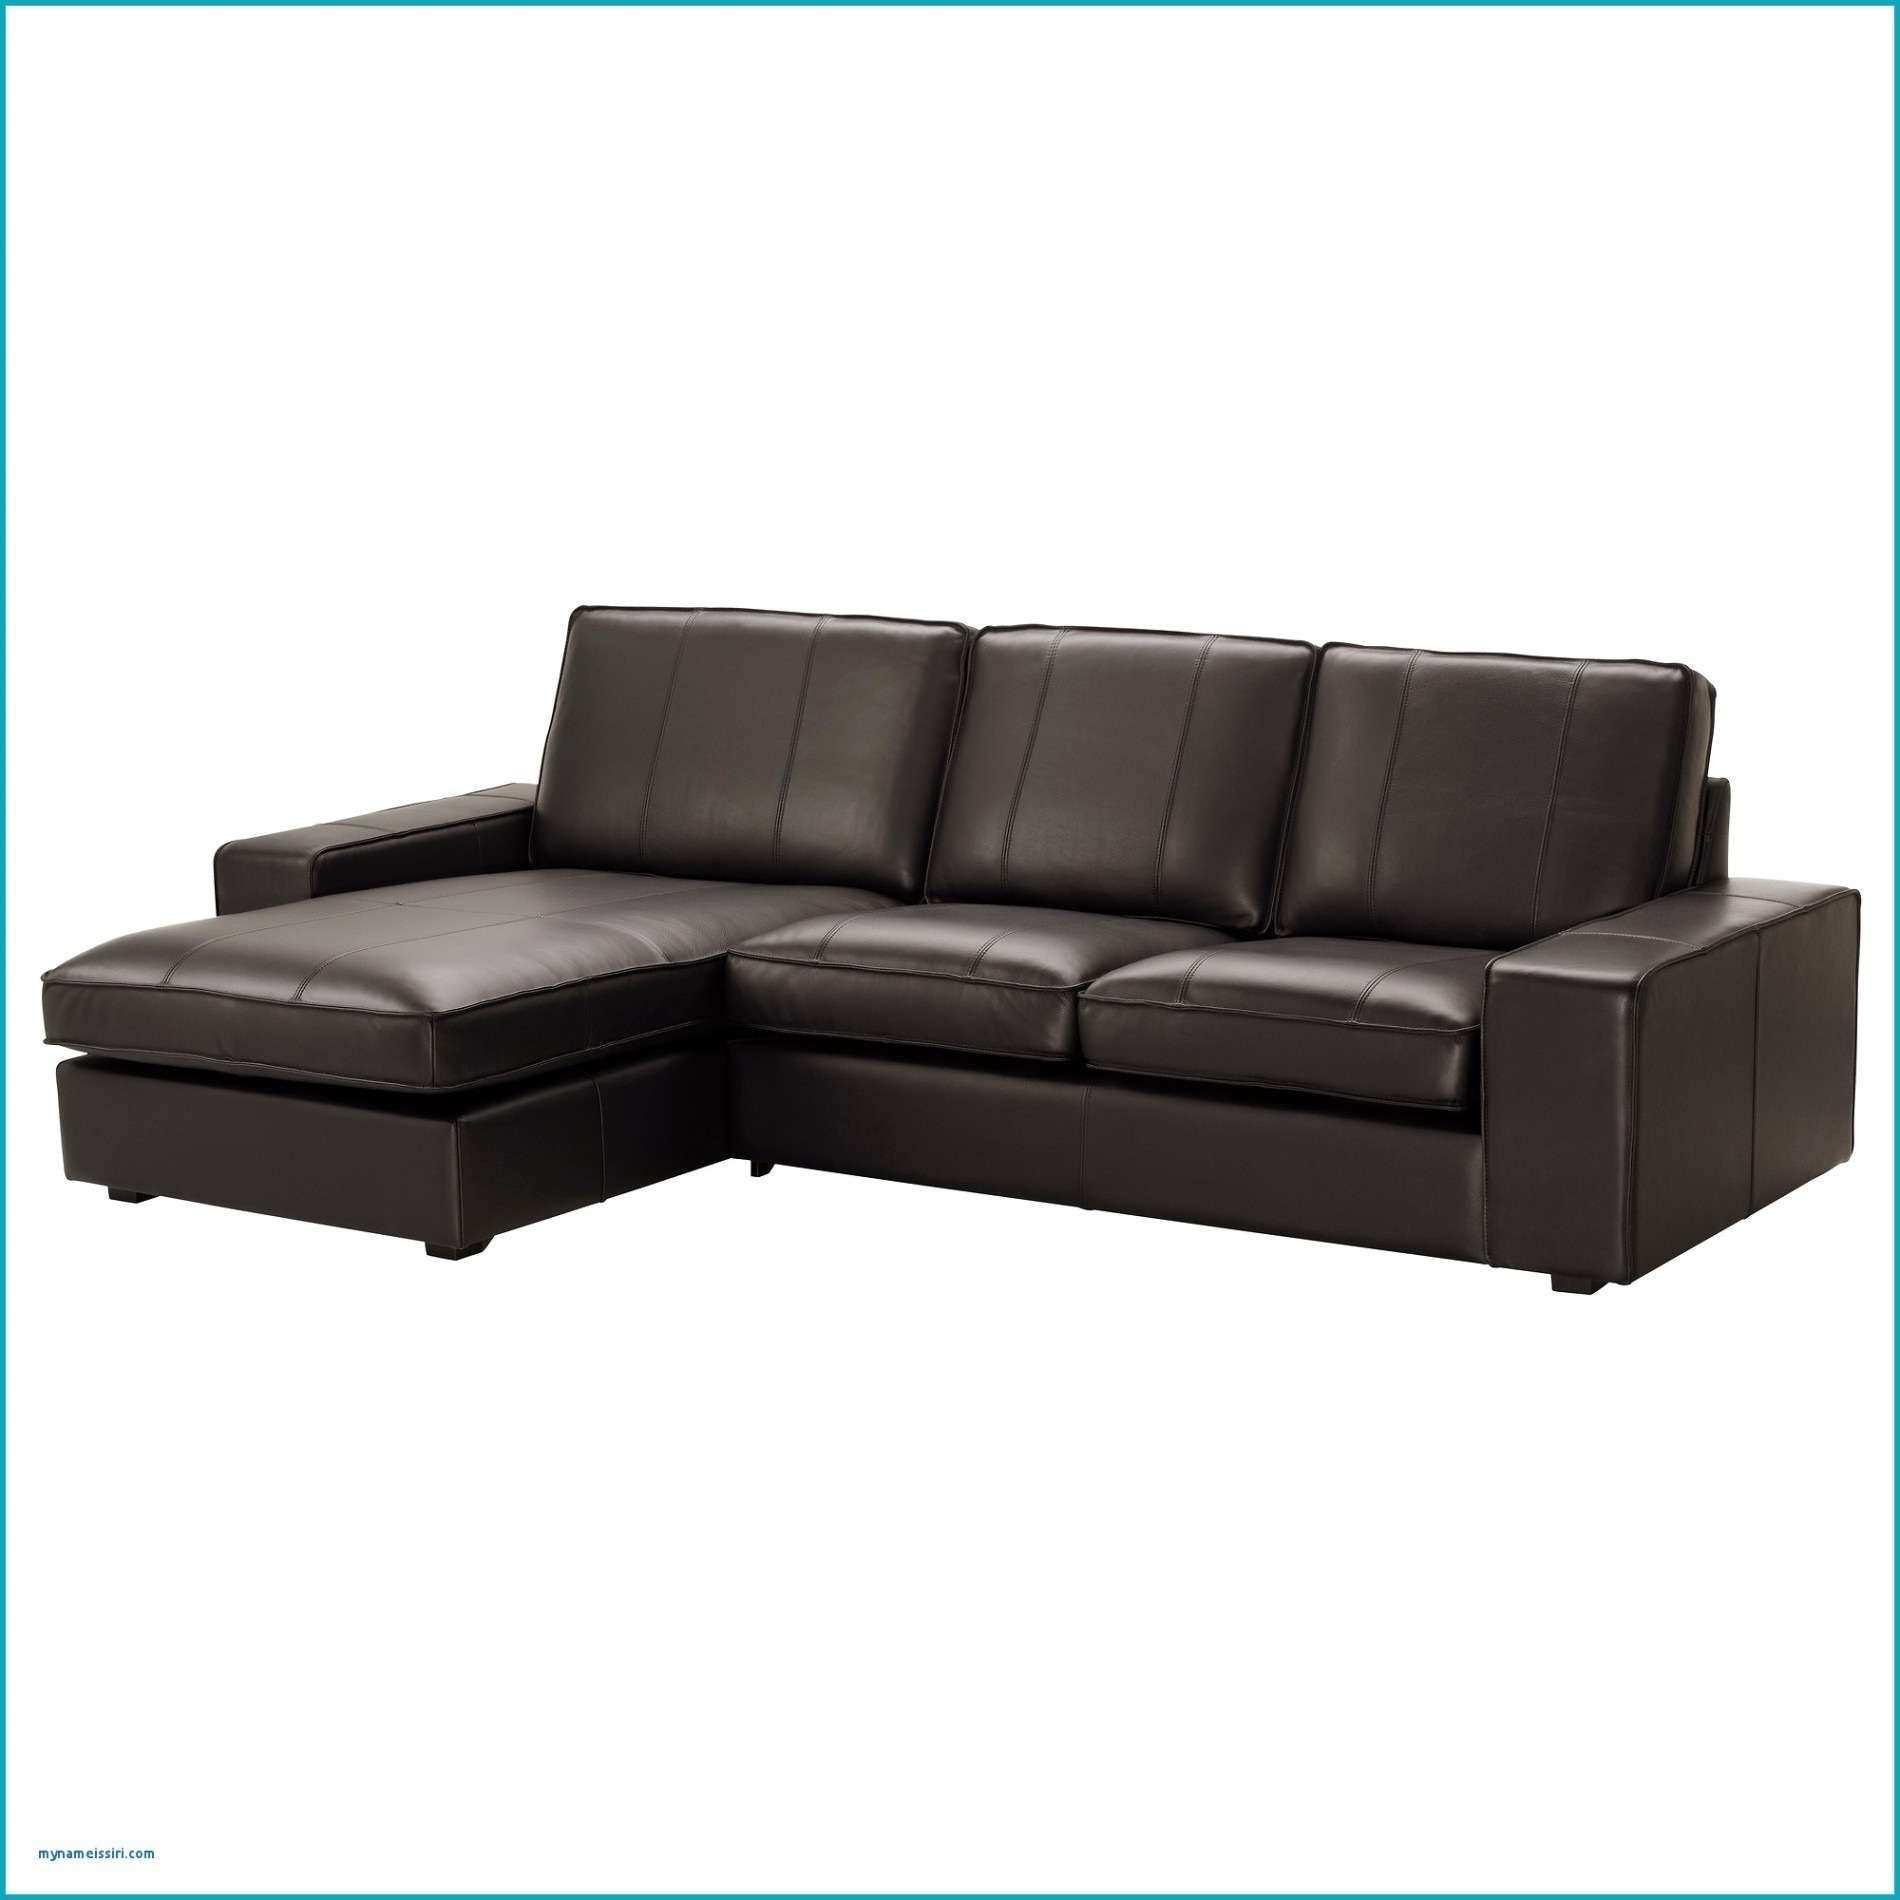 sofa gunstig kaufen meinung wie man wahlt das beste von sofa planen von gunstig sofa kaufen of gunstig sofa kaufen